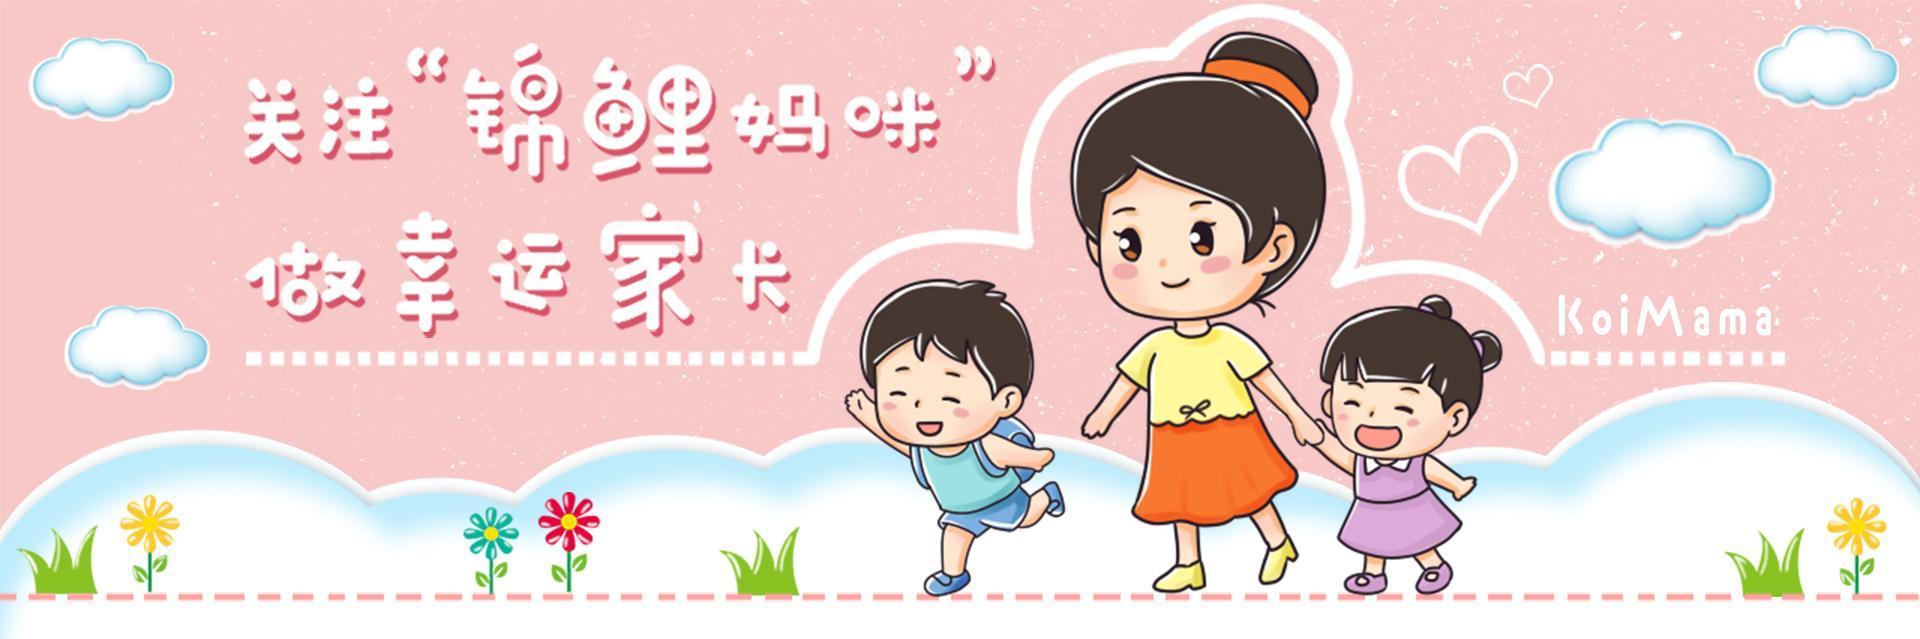 """抱着婴儿,新手爸妈不会抱孩子?教你3种正确""""抱娃姿势"""",家长学起来"""